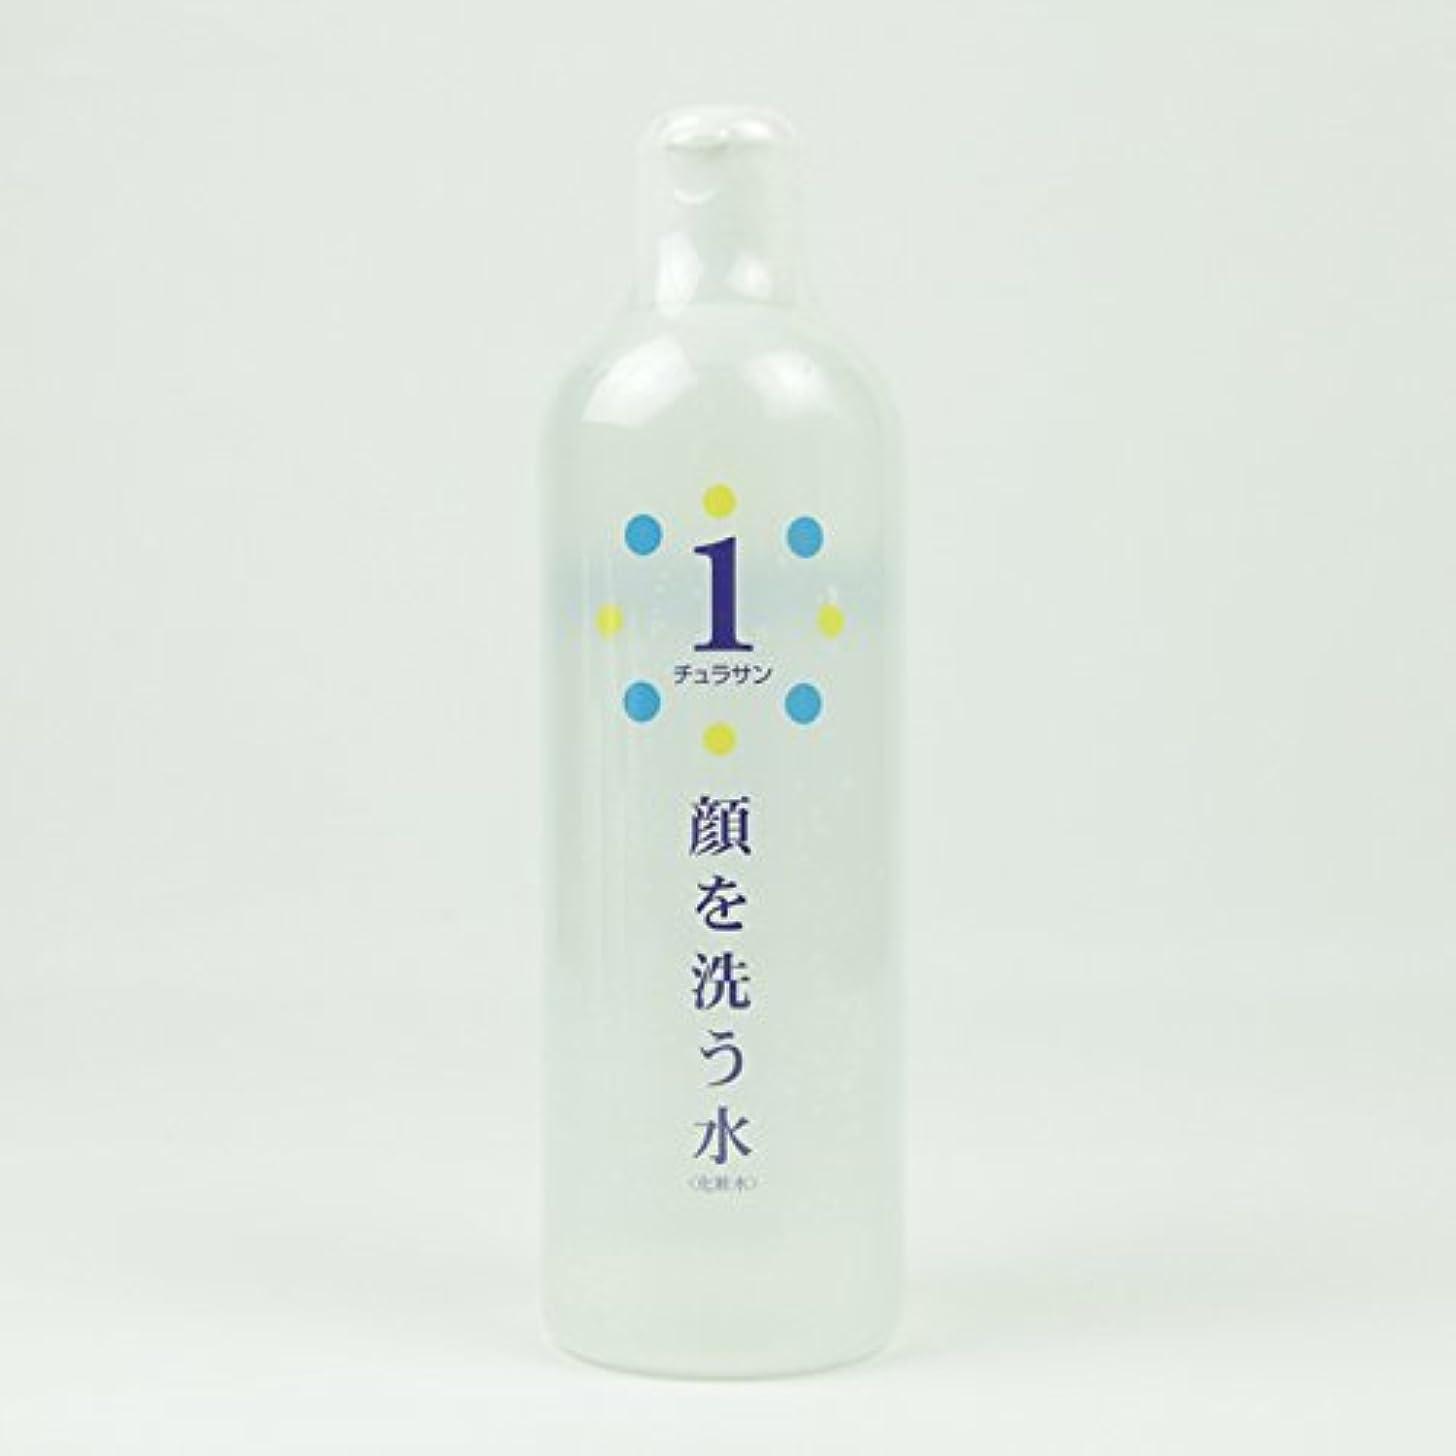 機転堤防蓮チュラサン1 【顔を洗う水】 500ml